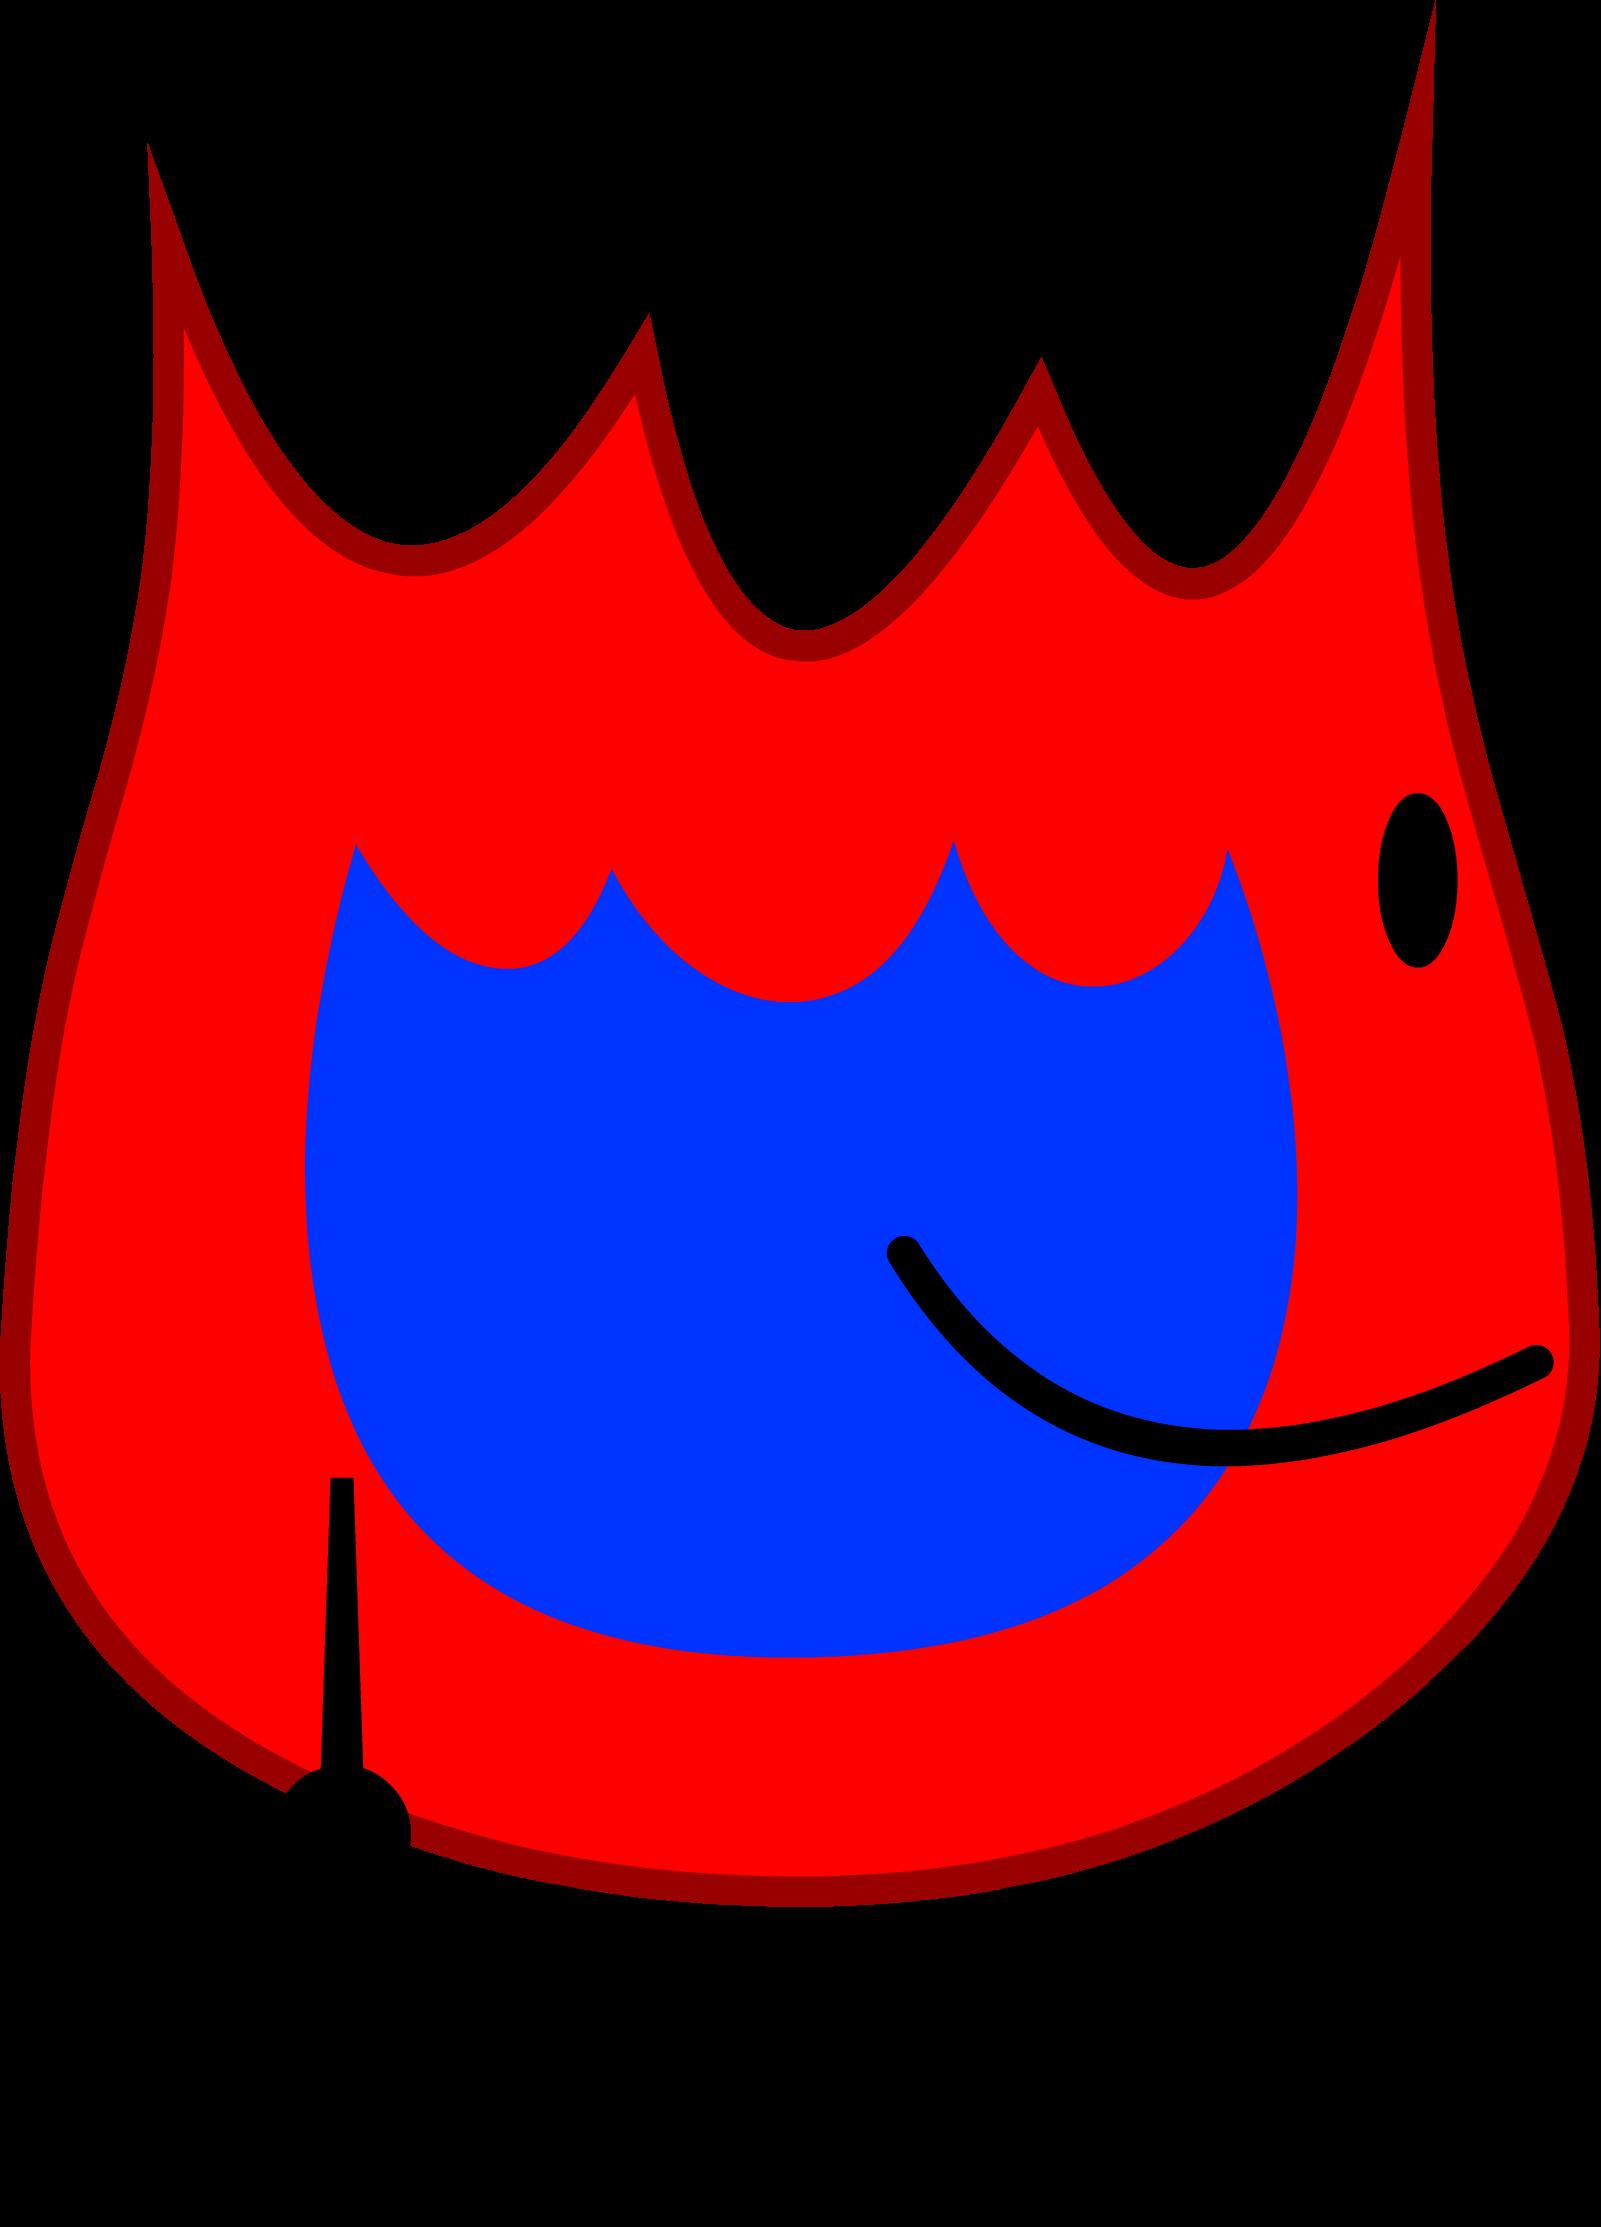 RedBlueFirey BFDI24